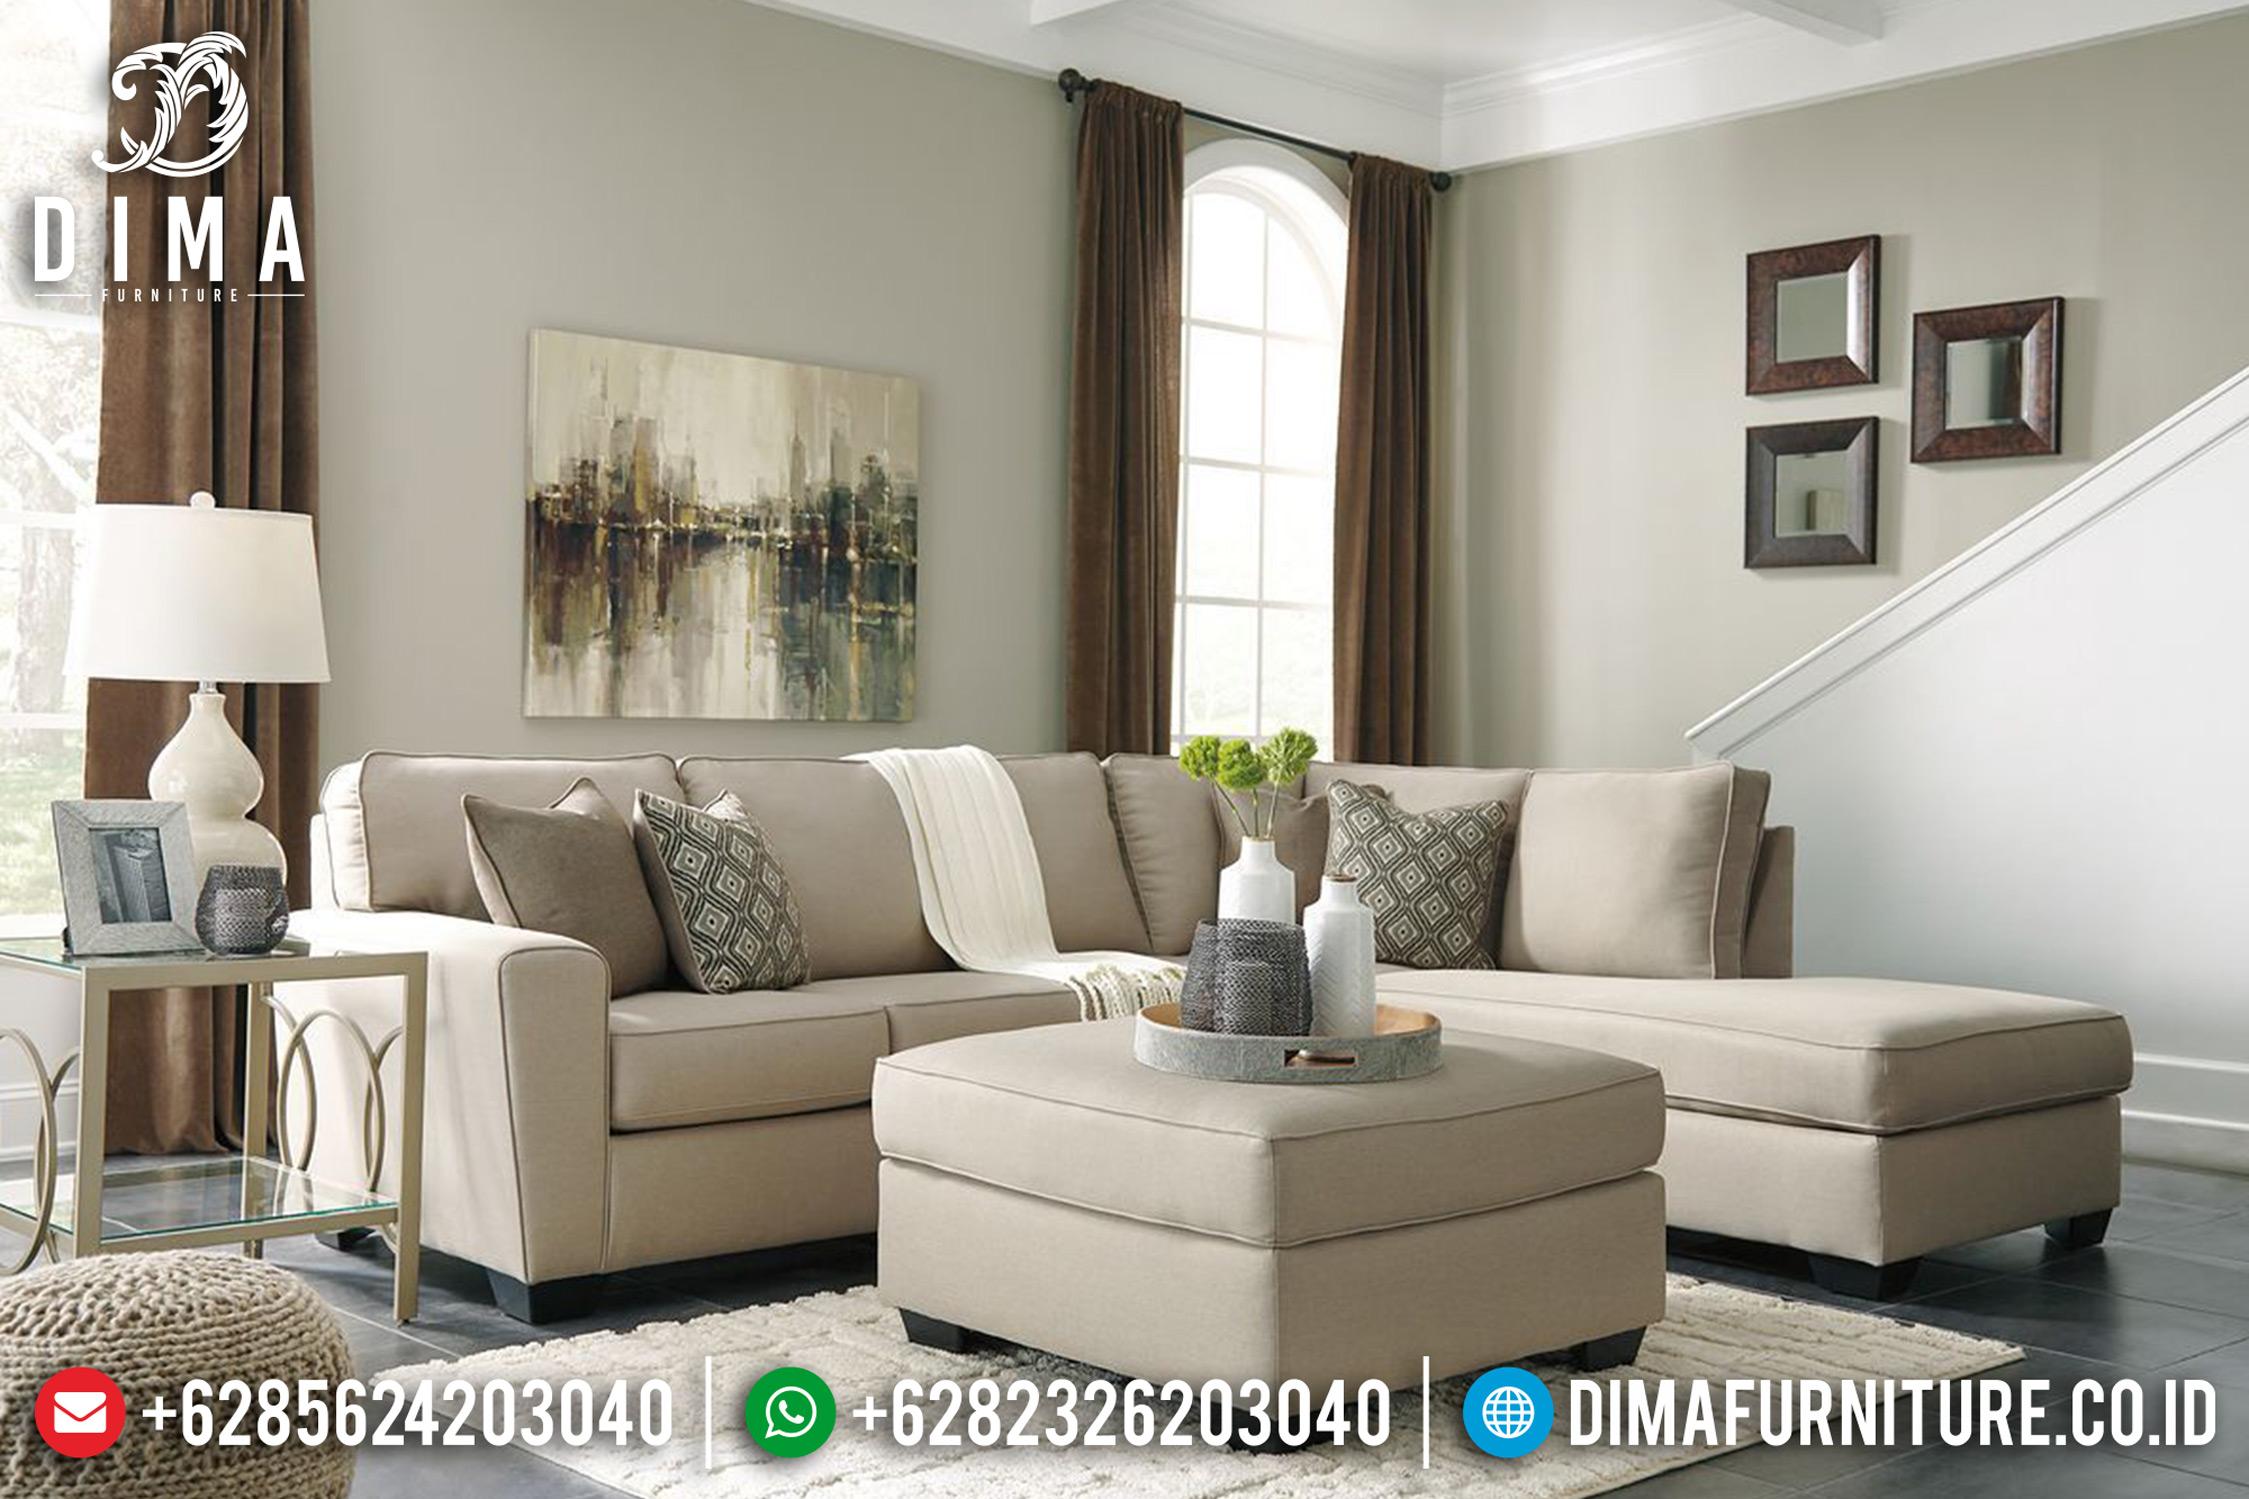 Jual Kursi Living Room Sofa Tamu Jepara Minimalis Mewah BT-0017